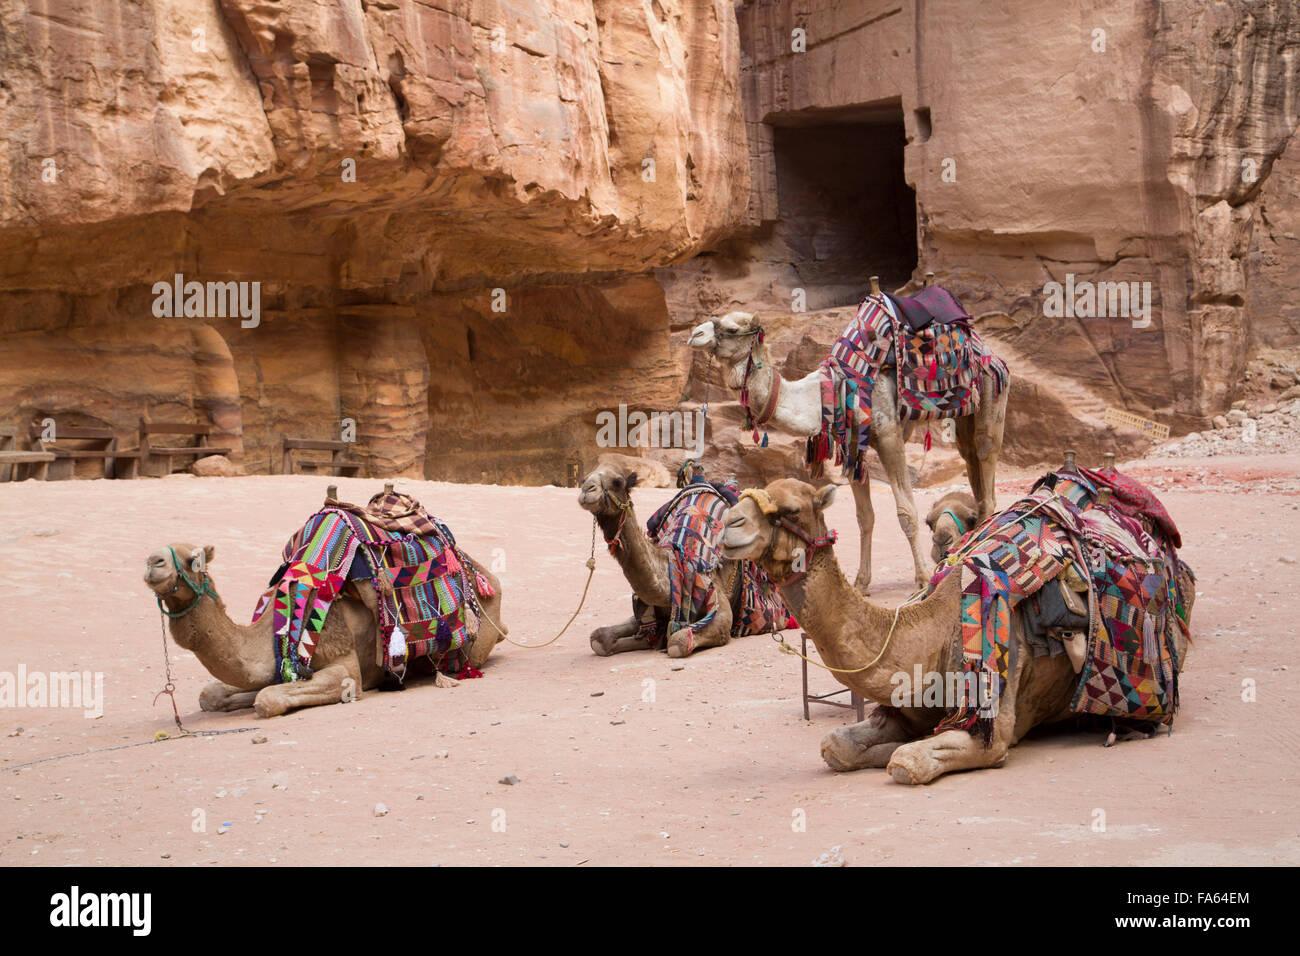 Des chameaux dans la zone du trésor, Petra, Site du patrimoine mondial de l'UNESCO, en Jordanie Photo Stock